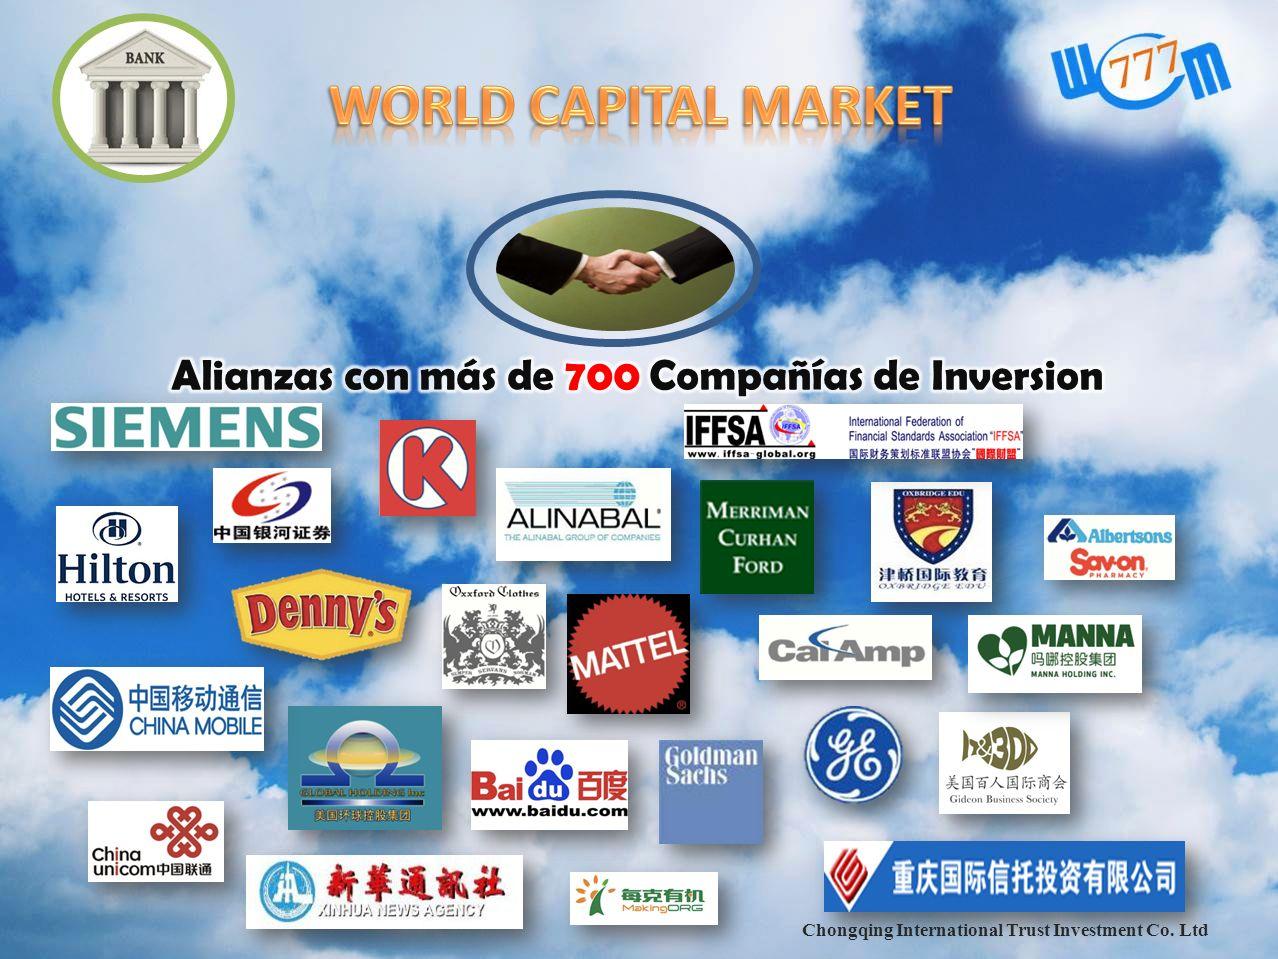 WORLD CAPITAL MARKET Alianzas con más de 700 Compañías de Inversion